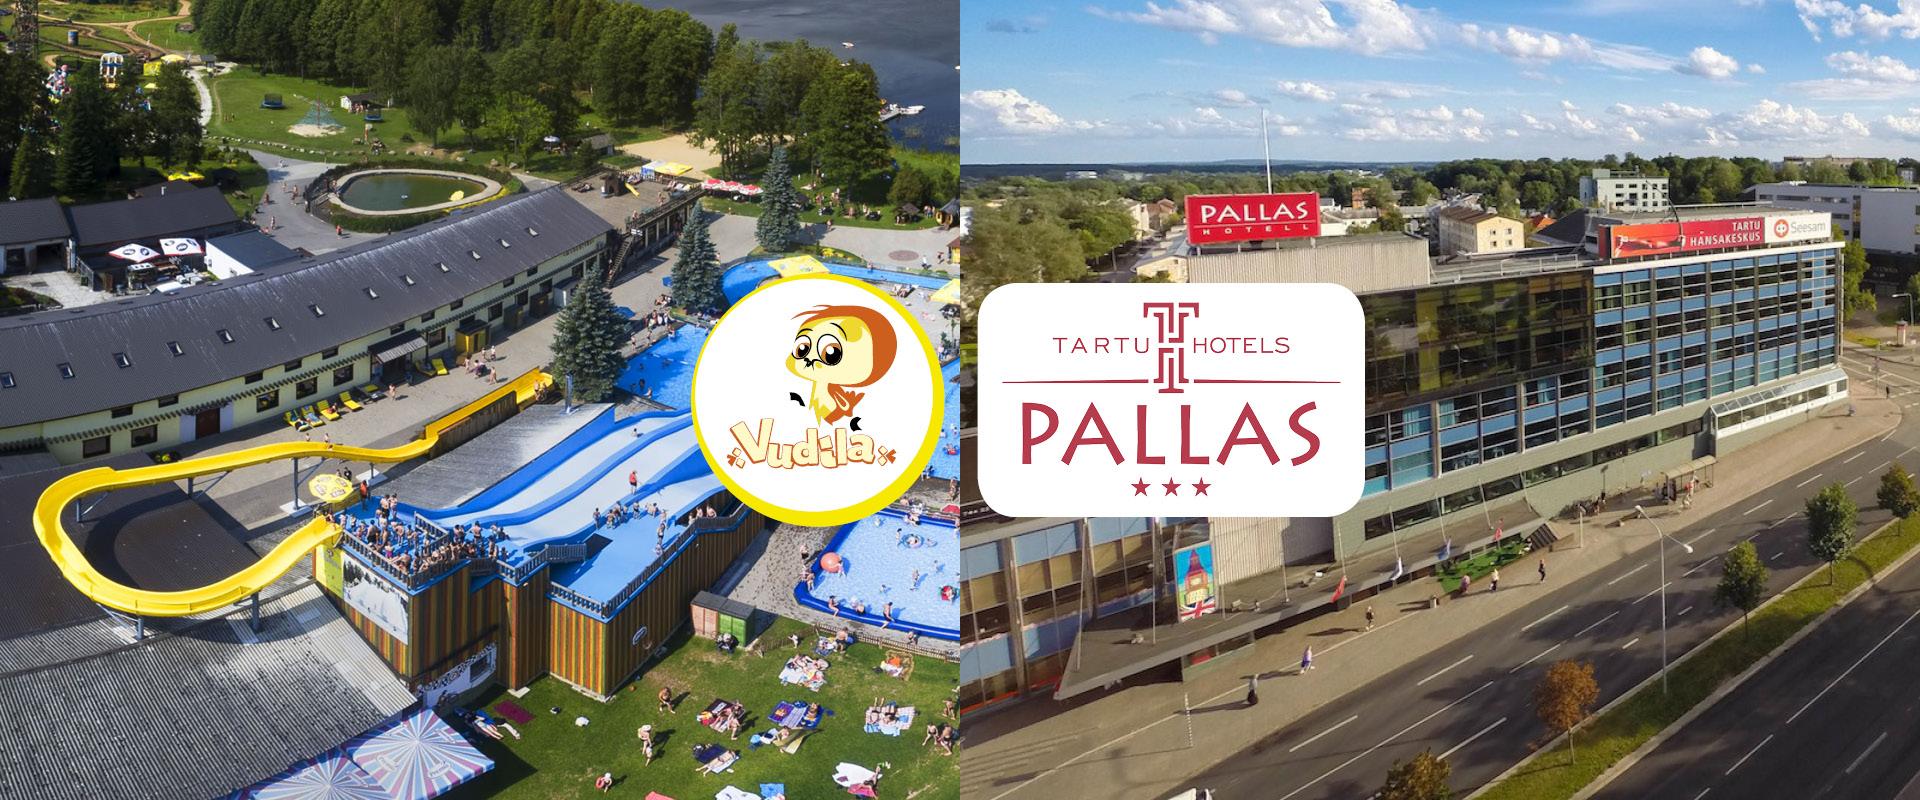 Suvine perepakett Tartu hotell Pallase majutuse ja Vudila külastusega